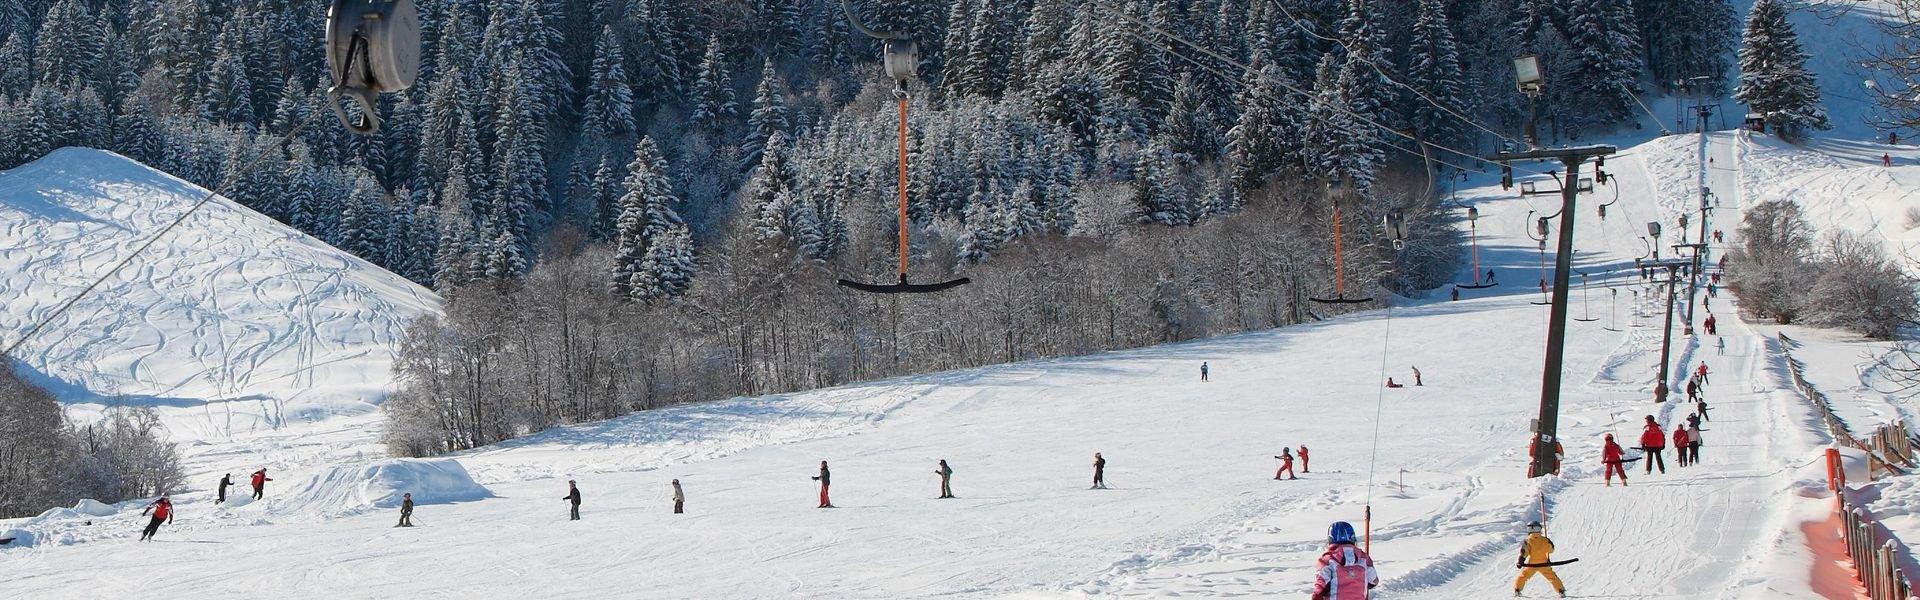 Skizentrum Pfronten - Steinach - ©Skizentrum Pfronten Steinach